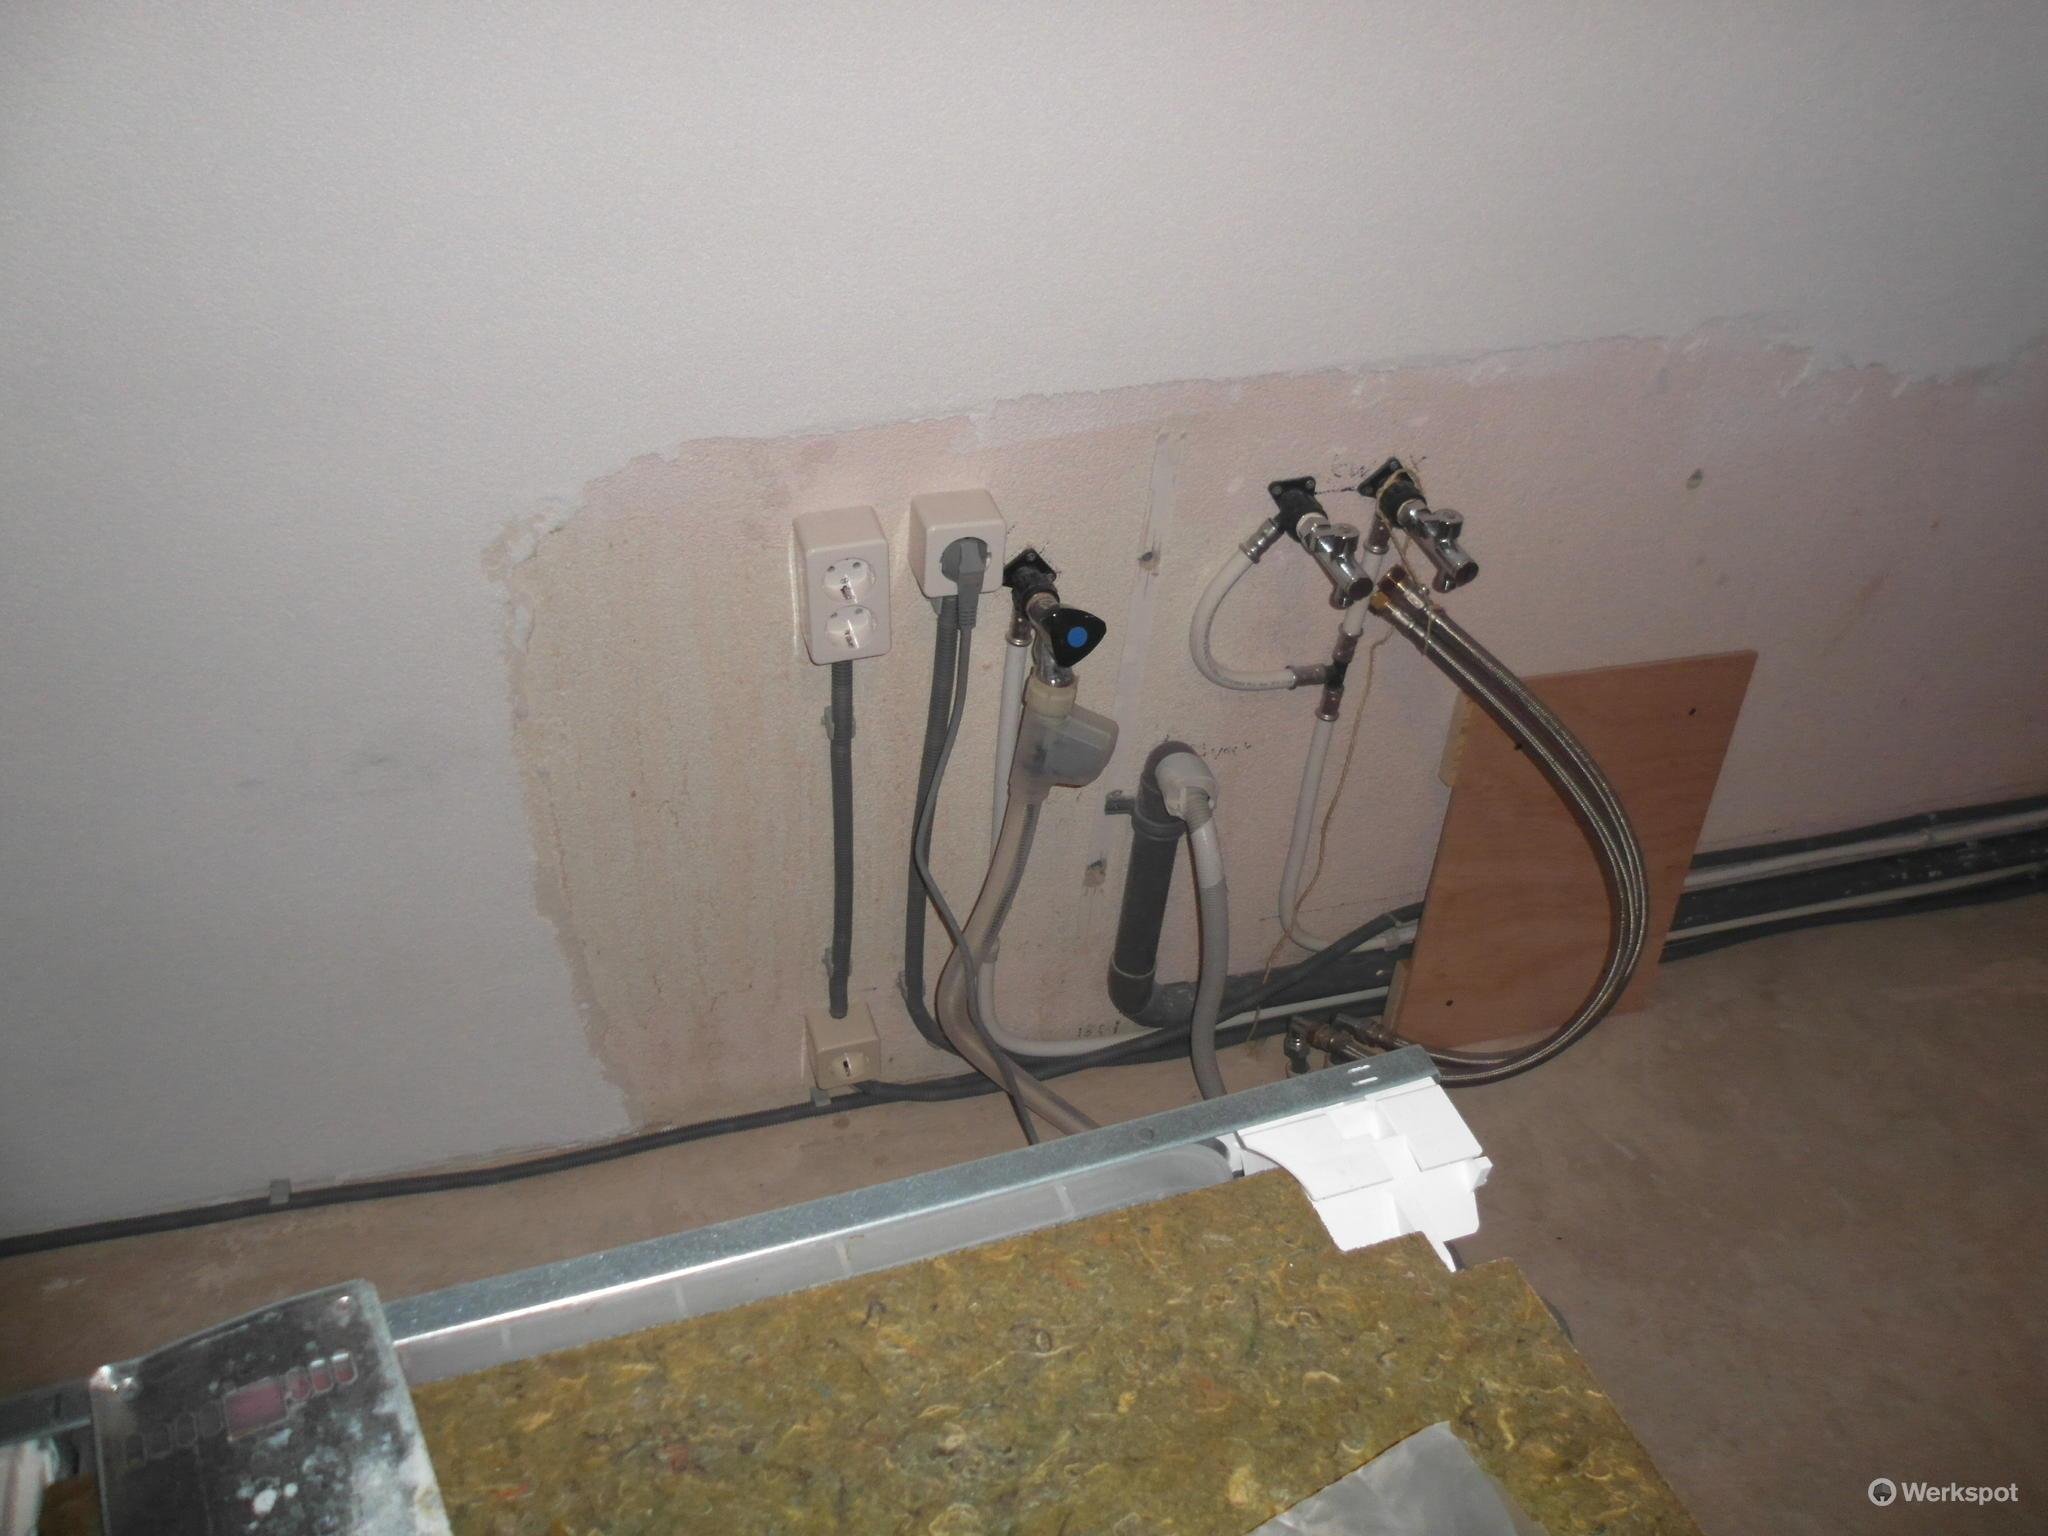 Plintverwarming Keuken Tips : Plintverwarming ikea keuken u2013 informatie over de keuken